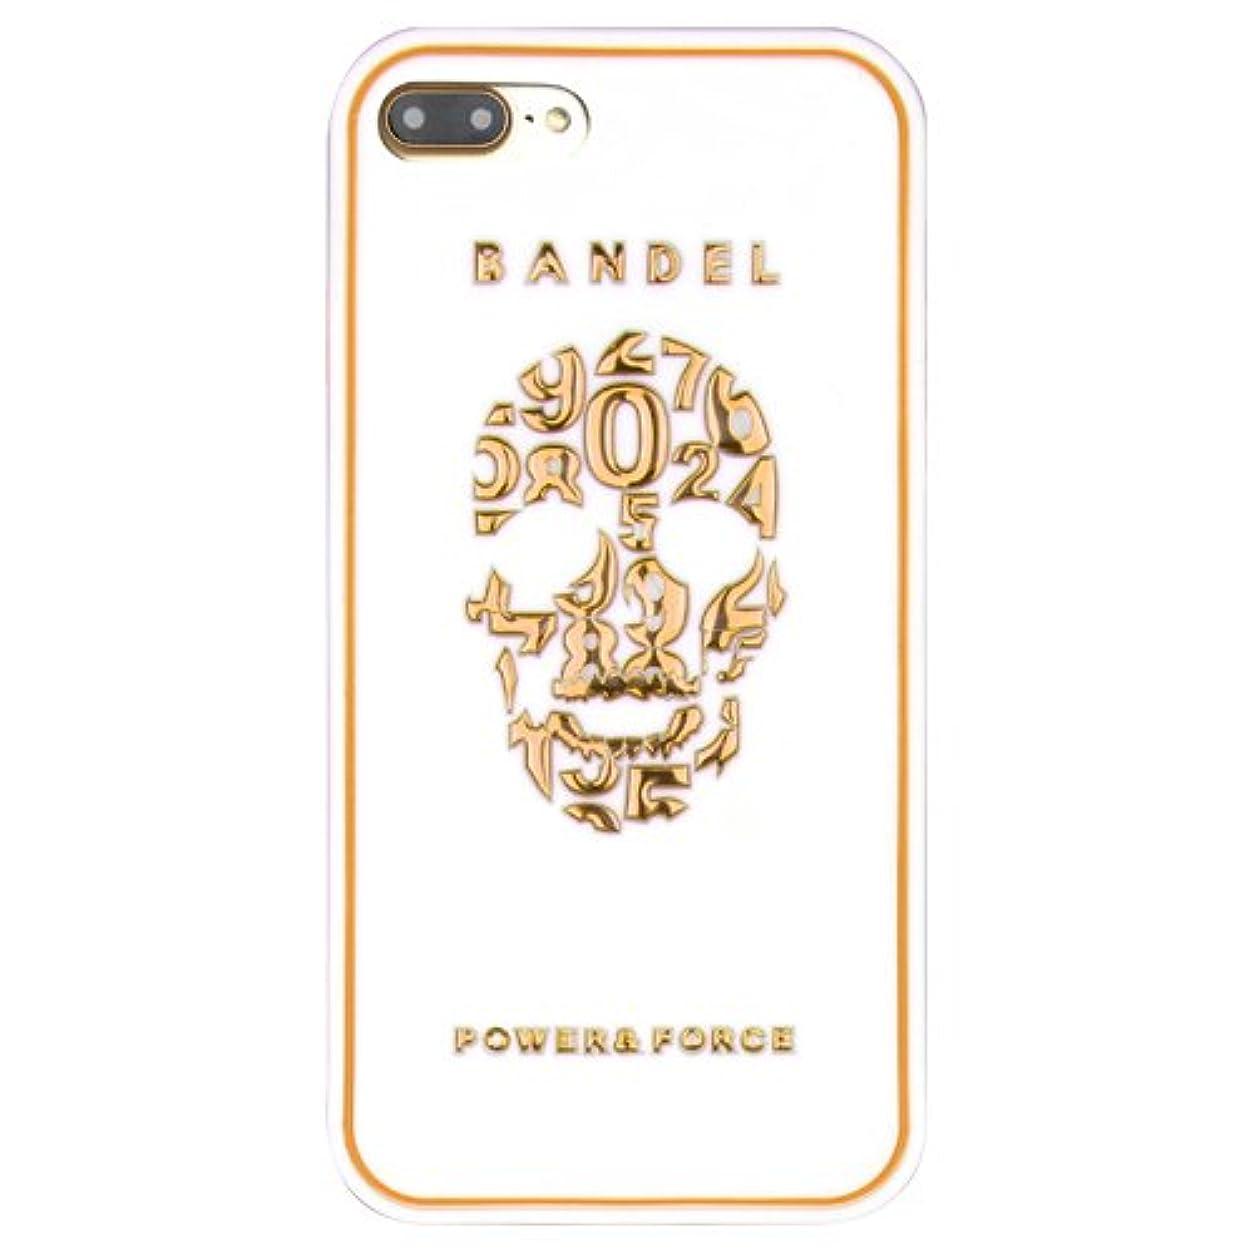 参照控えるどうやらバンデル(BANDEL) iPhone7Plusケース スカル ホワイト×ゴールド [iPhone7Plus用シリコンケース]